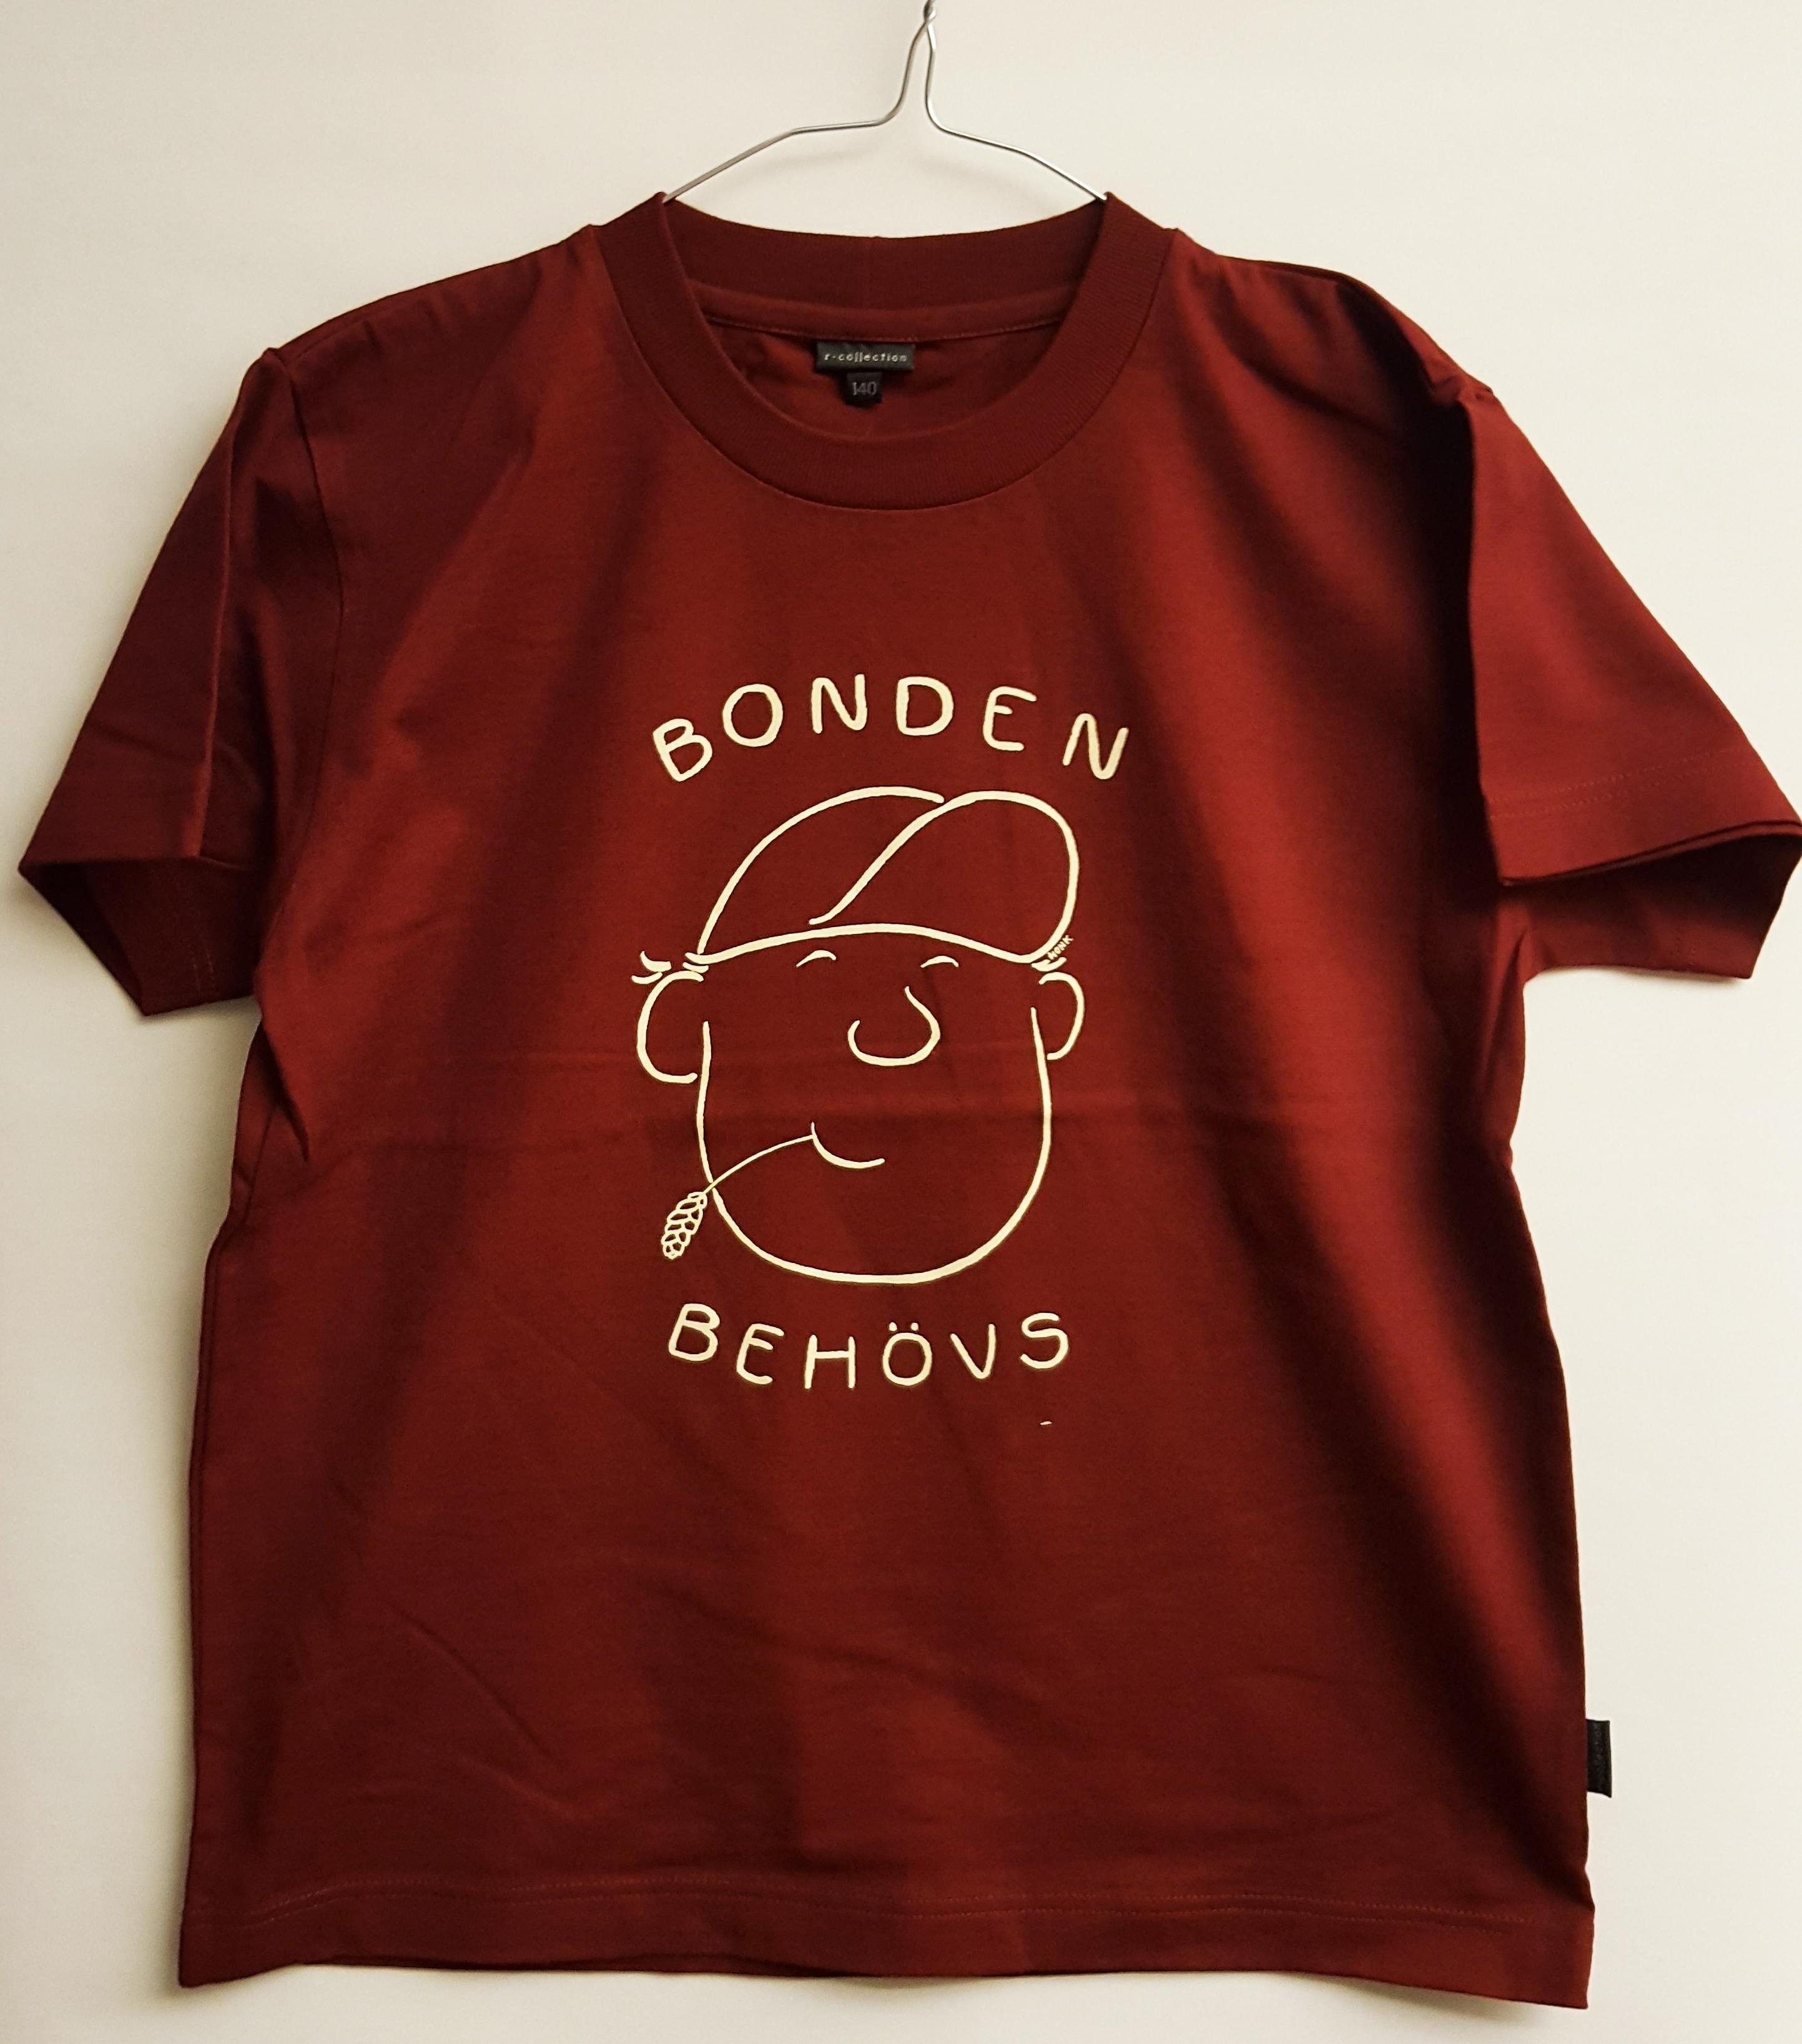 SLC - Utgående modell: T-skjorta för barn och vuxna, Bonden behövs, vinröd